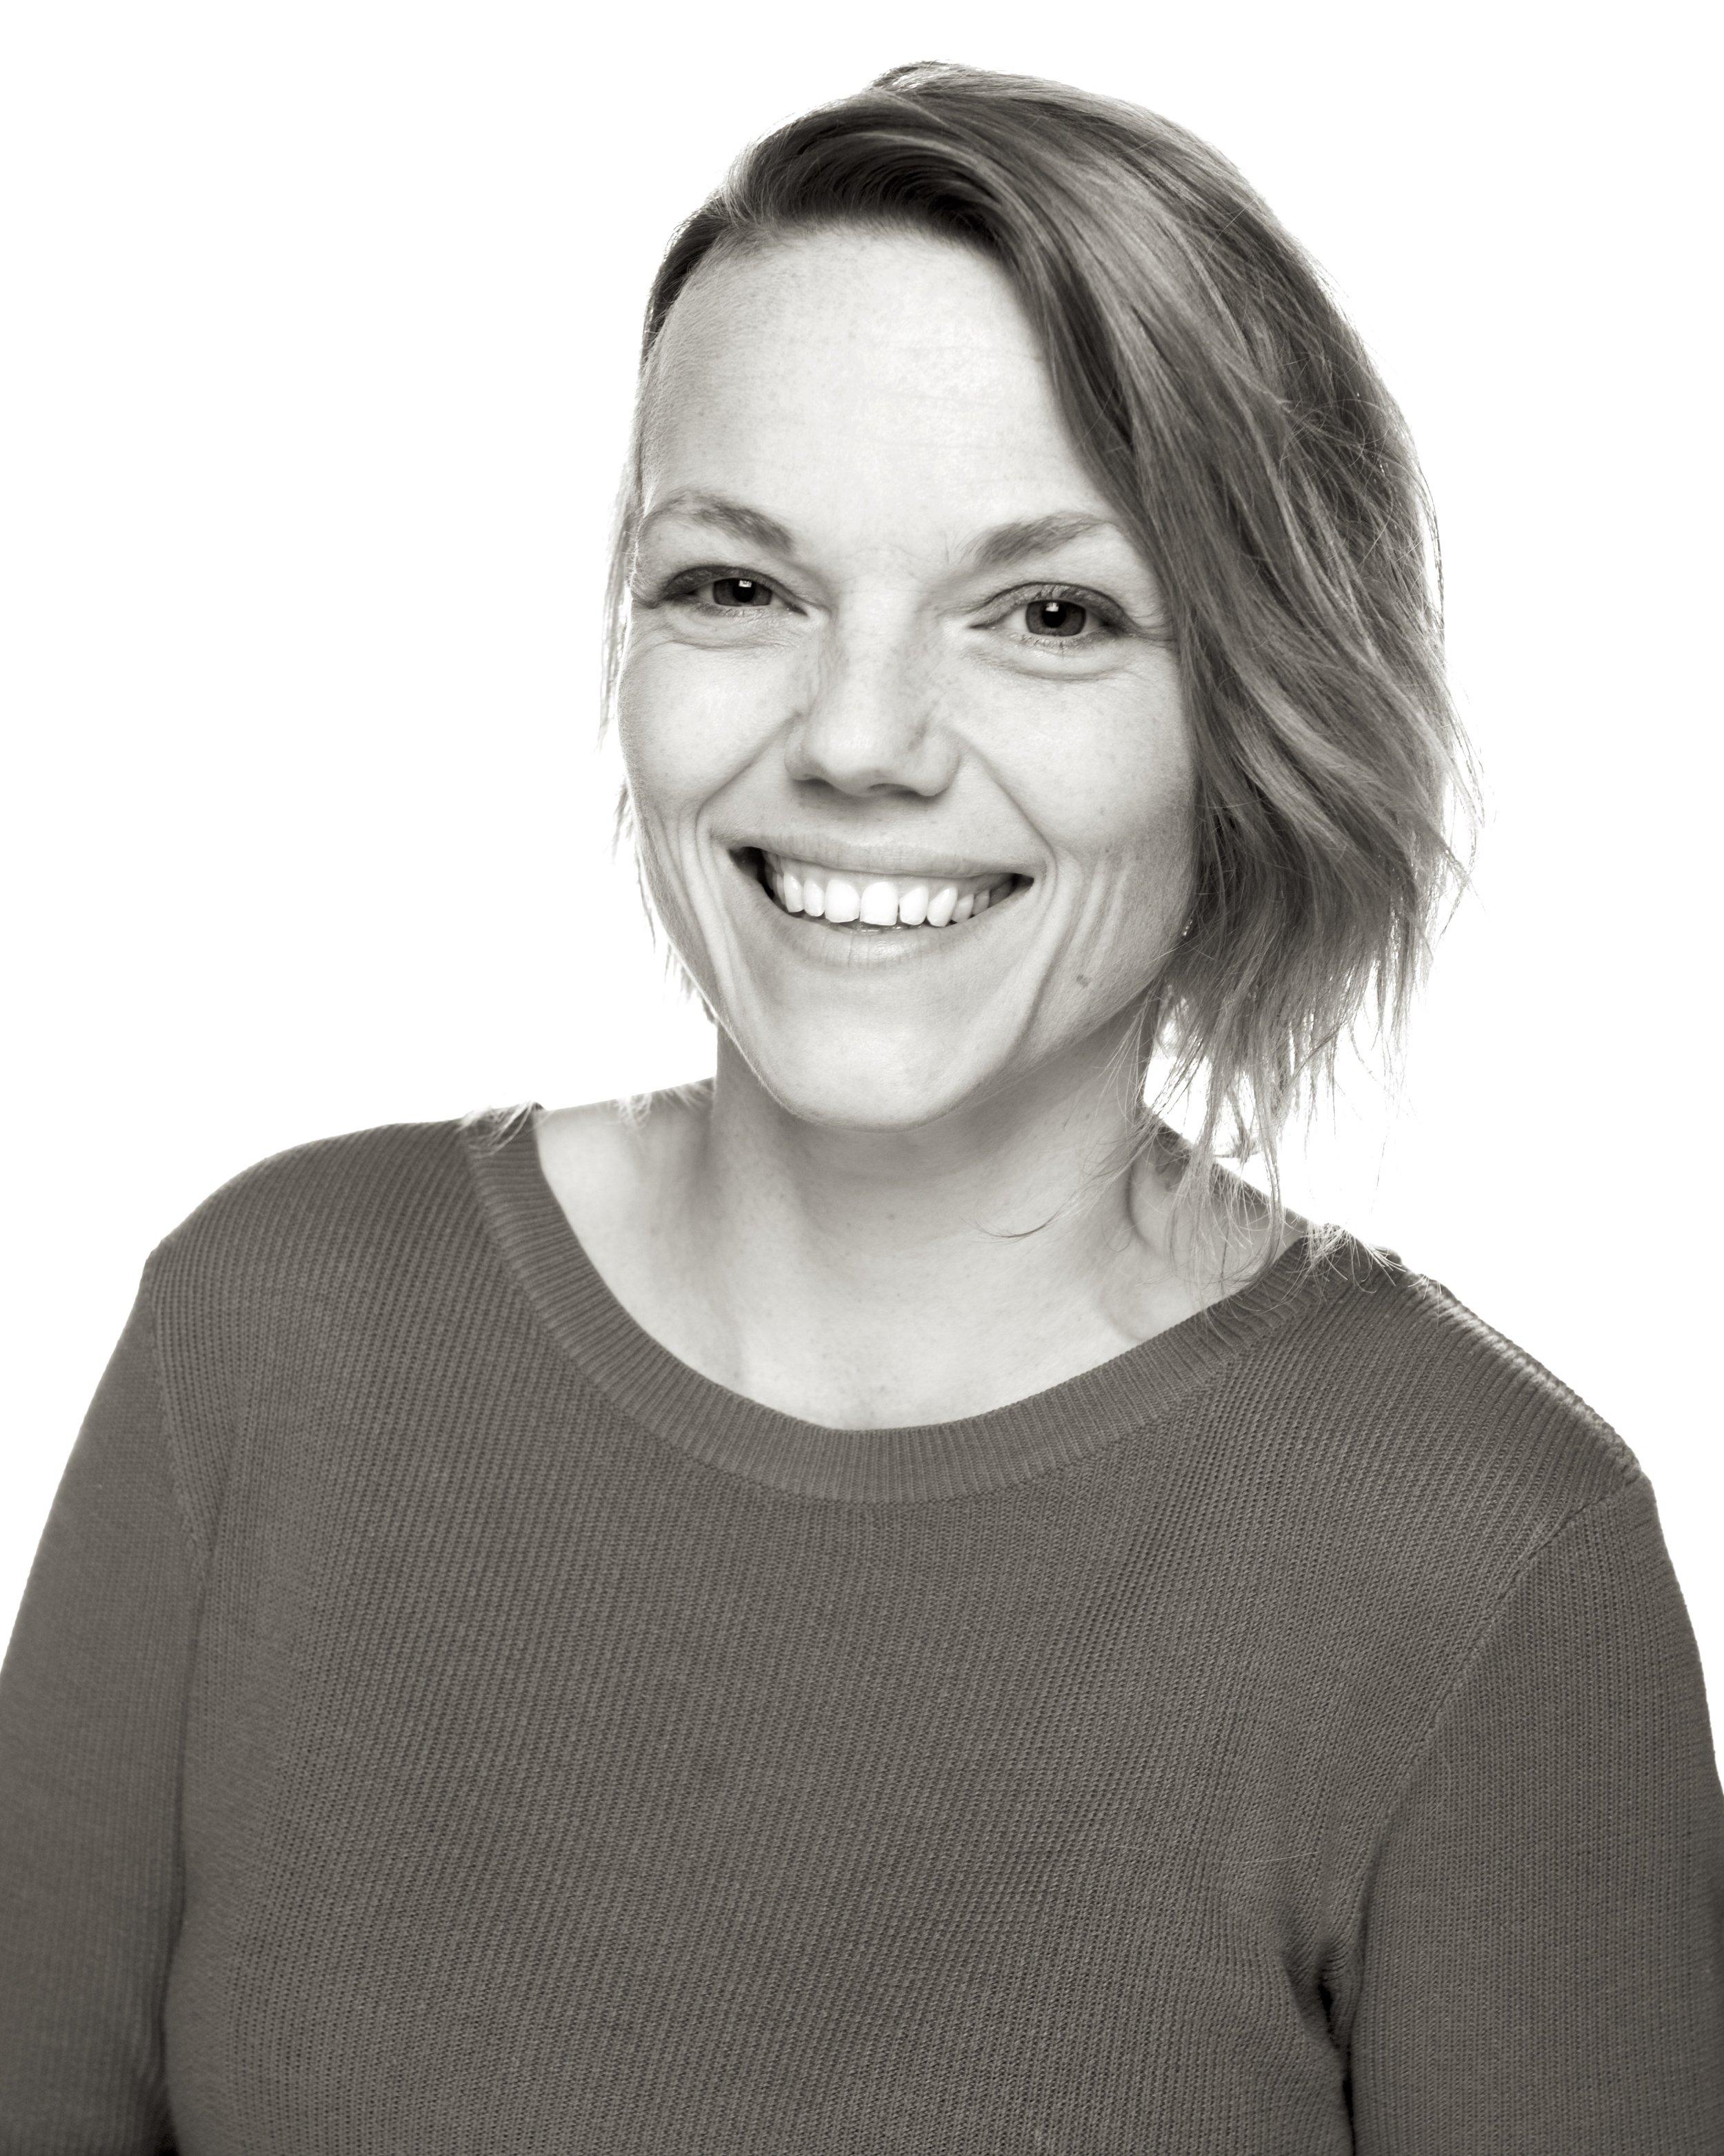 Ragnhild Eldnæs, fotograf og meget hyggelig 975 65 987